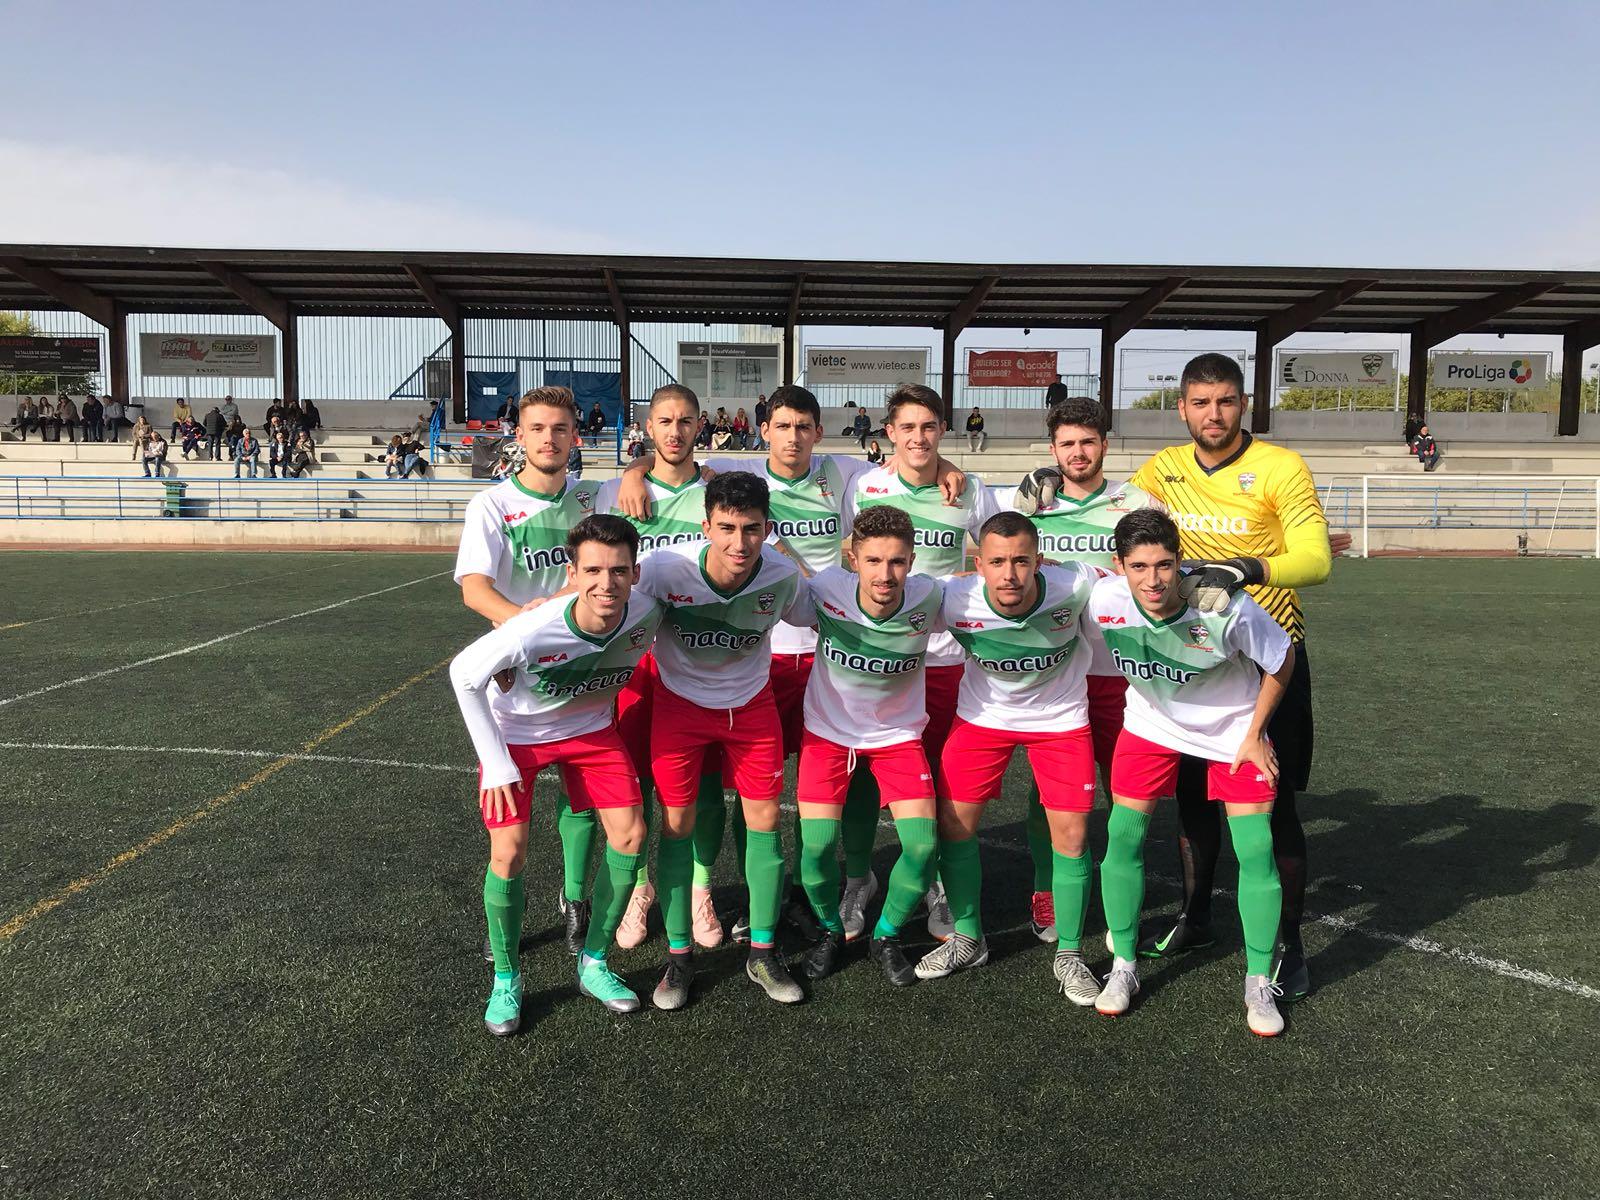 PREFERENTE/ Derrota del equipo Aficionado frente al C.D. Lugo Fuenlabrada «A»